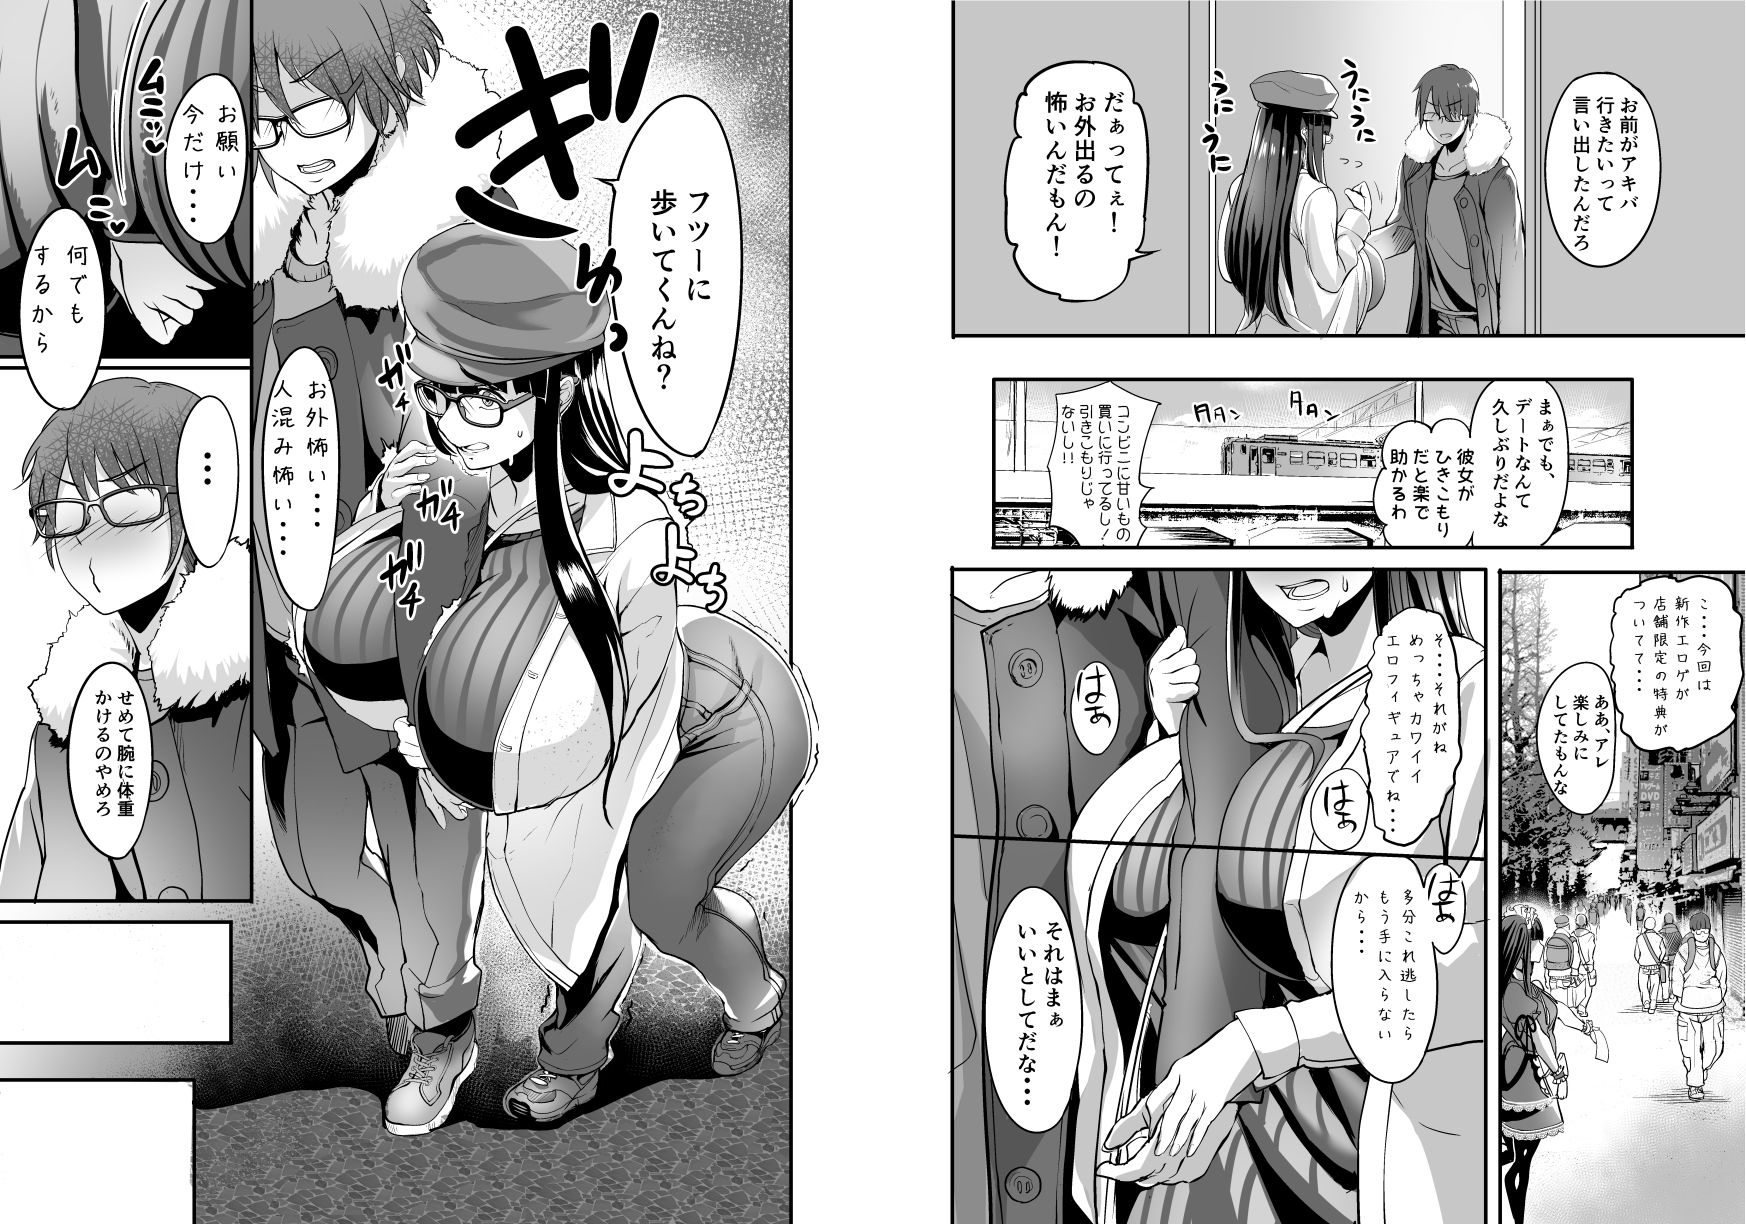 https://www.dmm.co.jp/dc/doujin/-/detail/=/cid=d_194207/